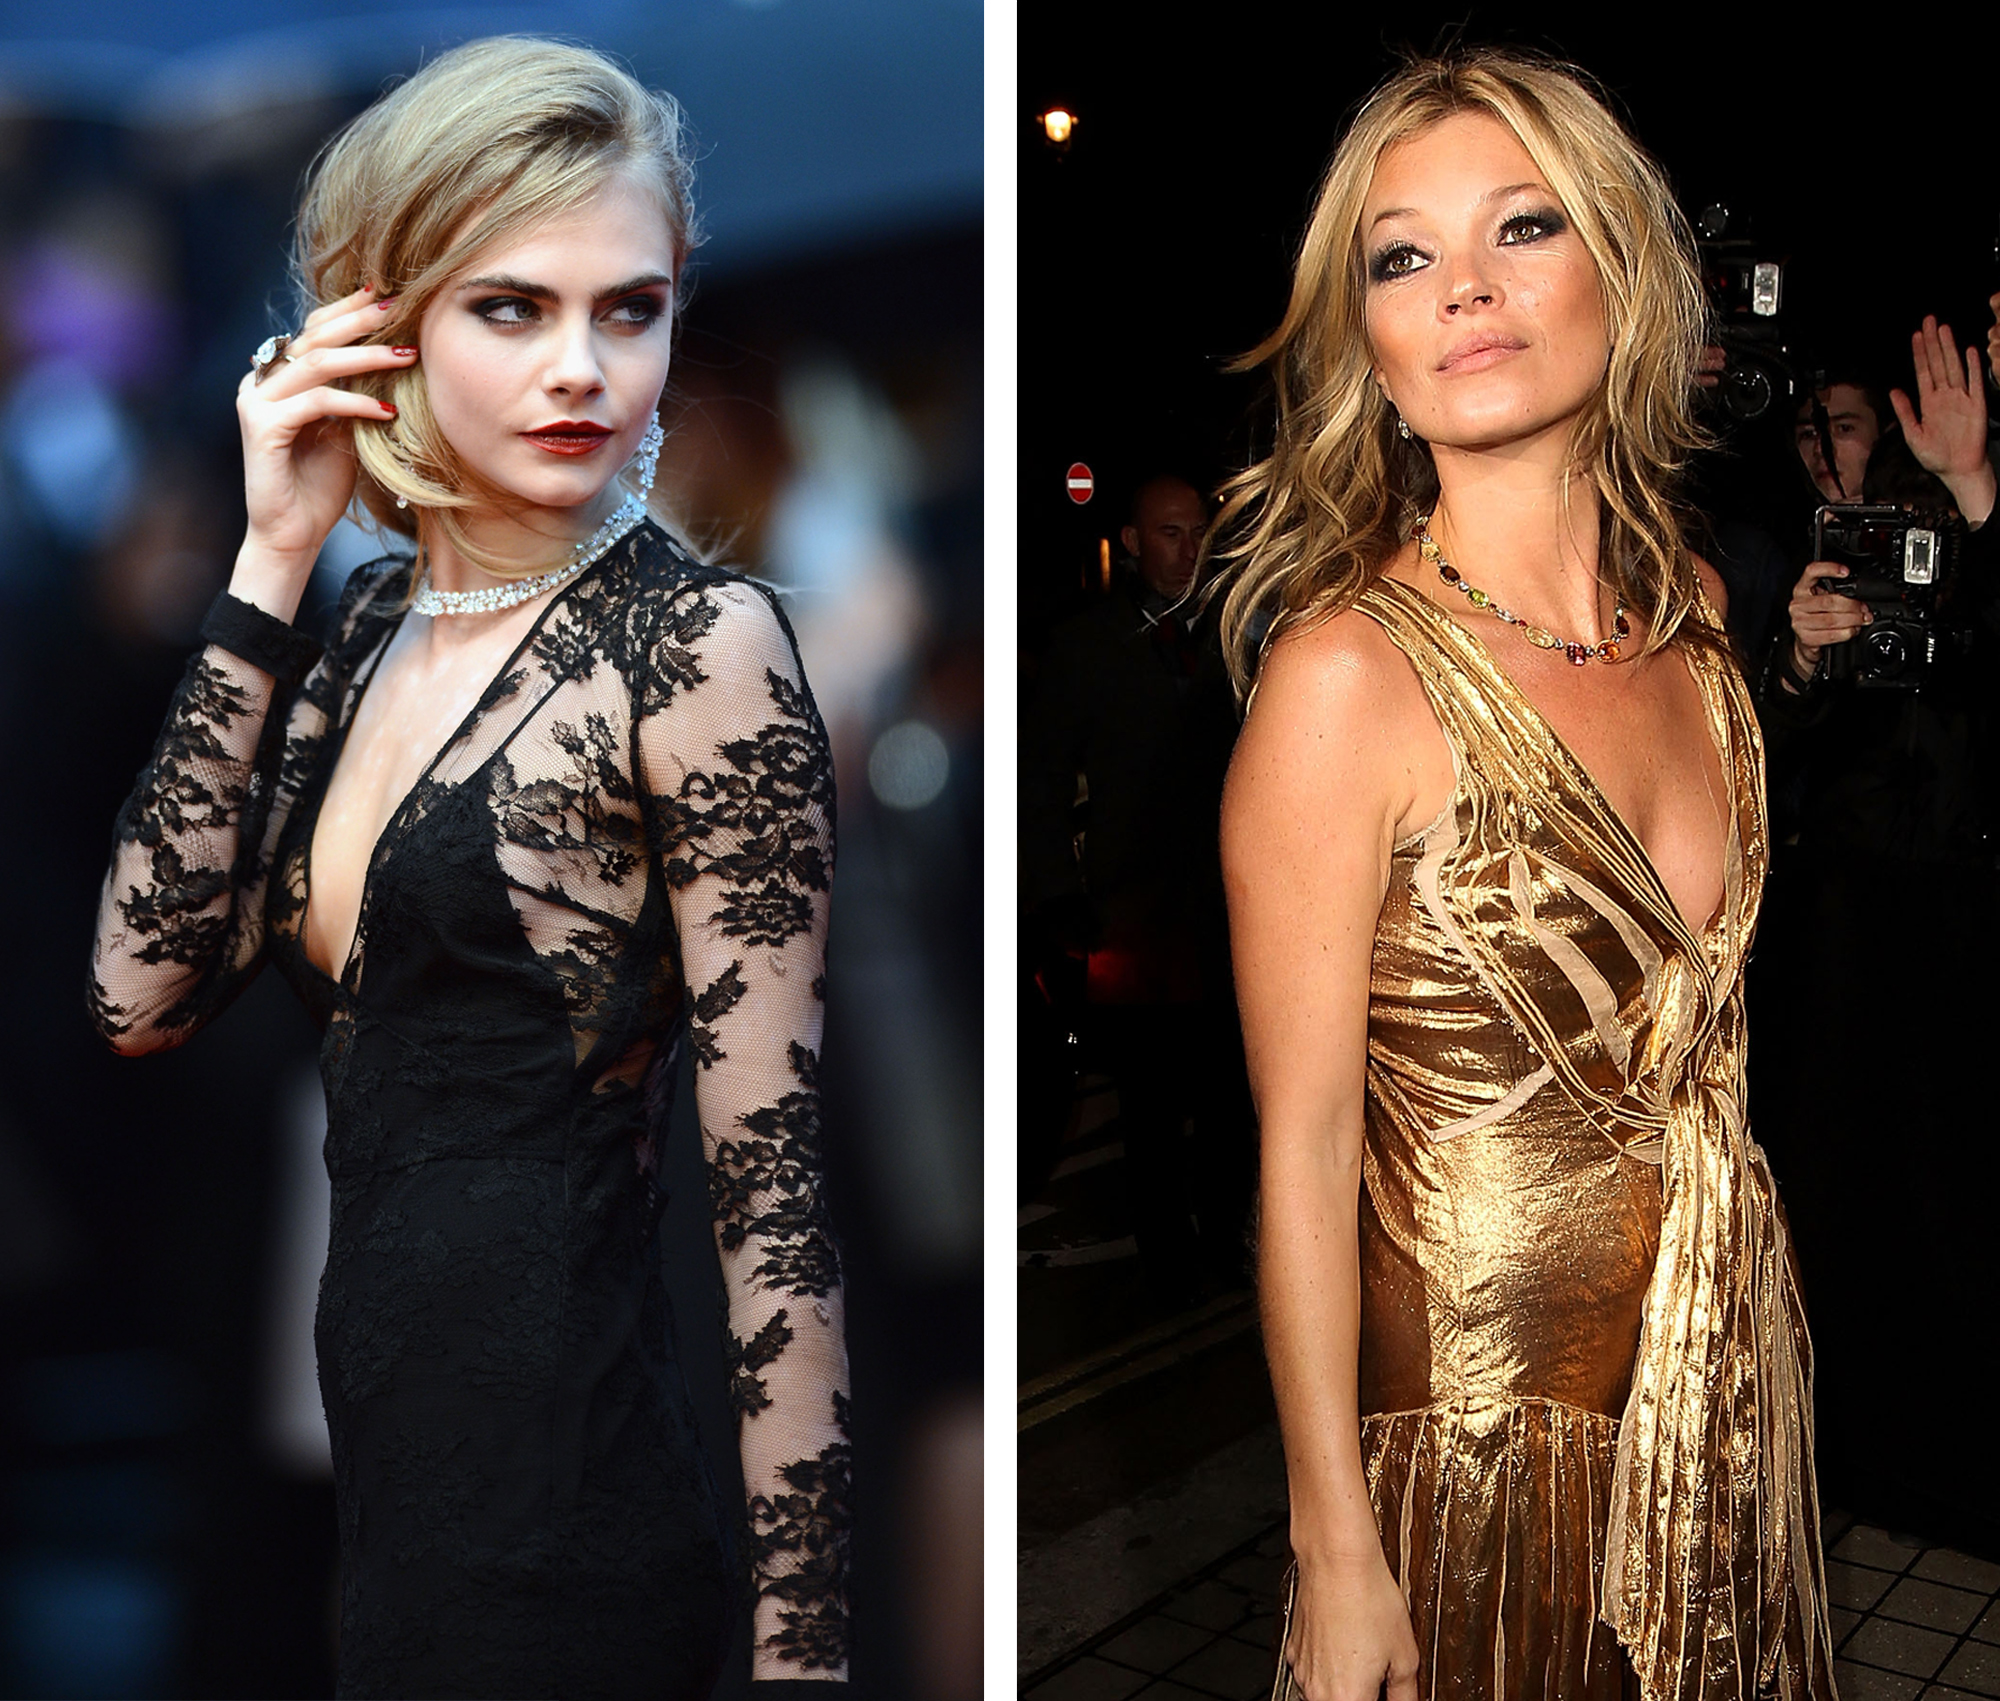 Cara Delevingne v Kate Moss: Celebrity Face-Off